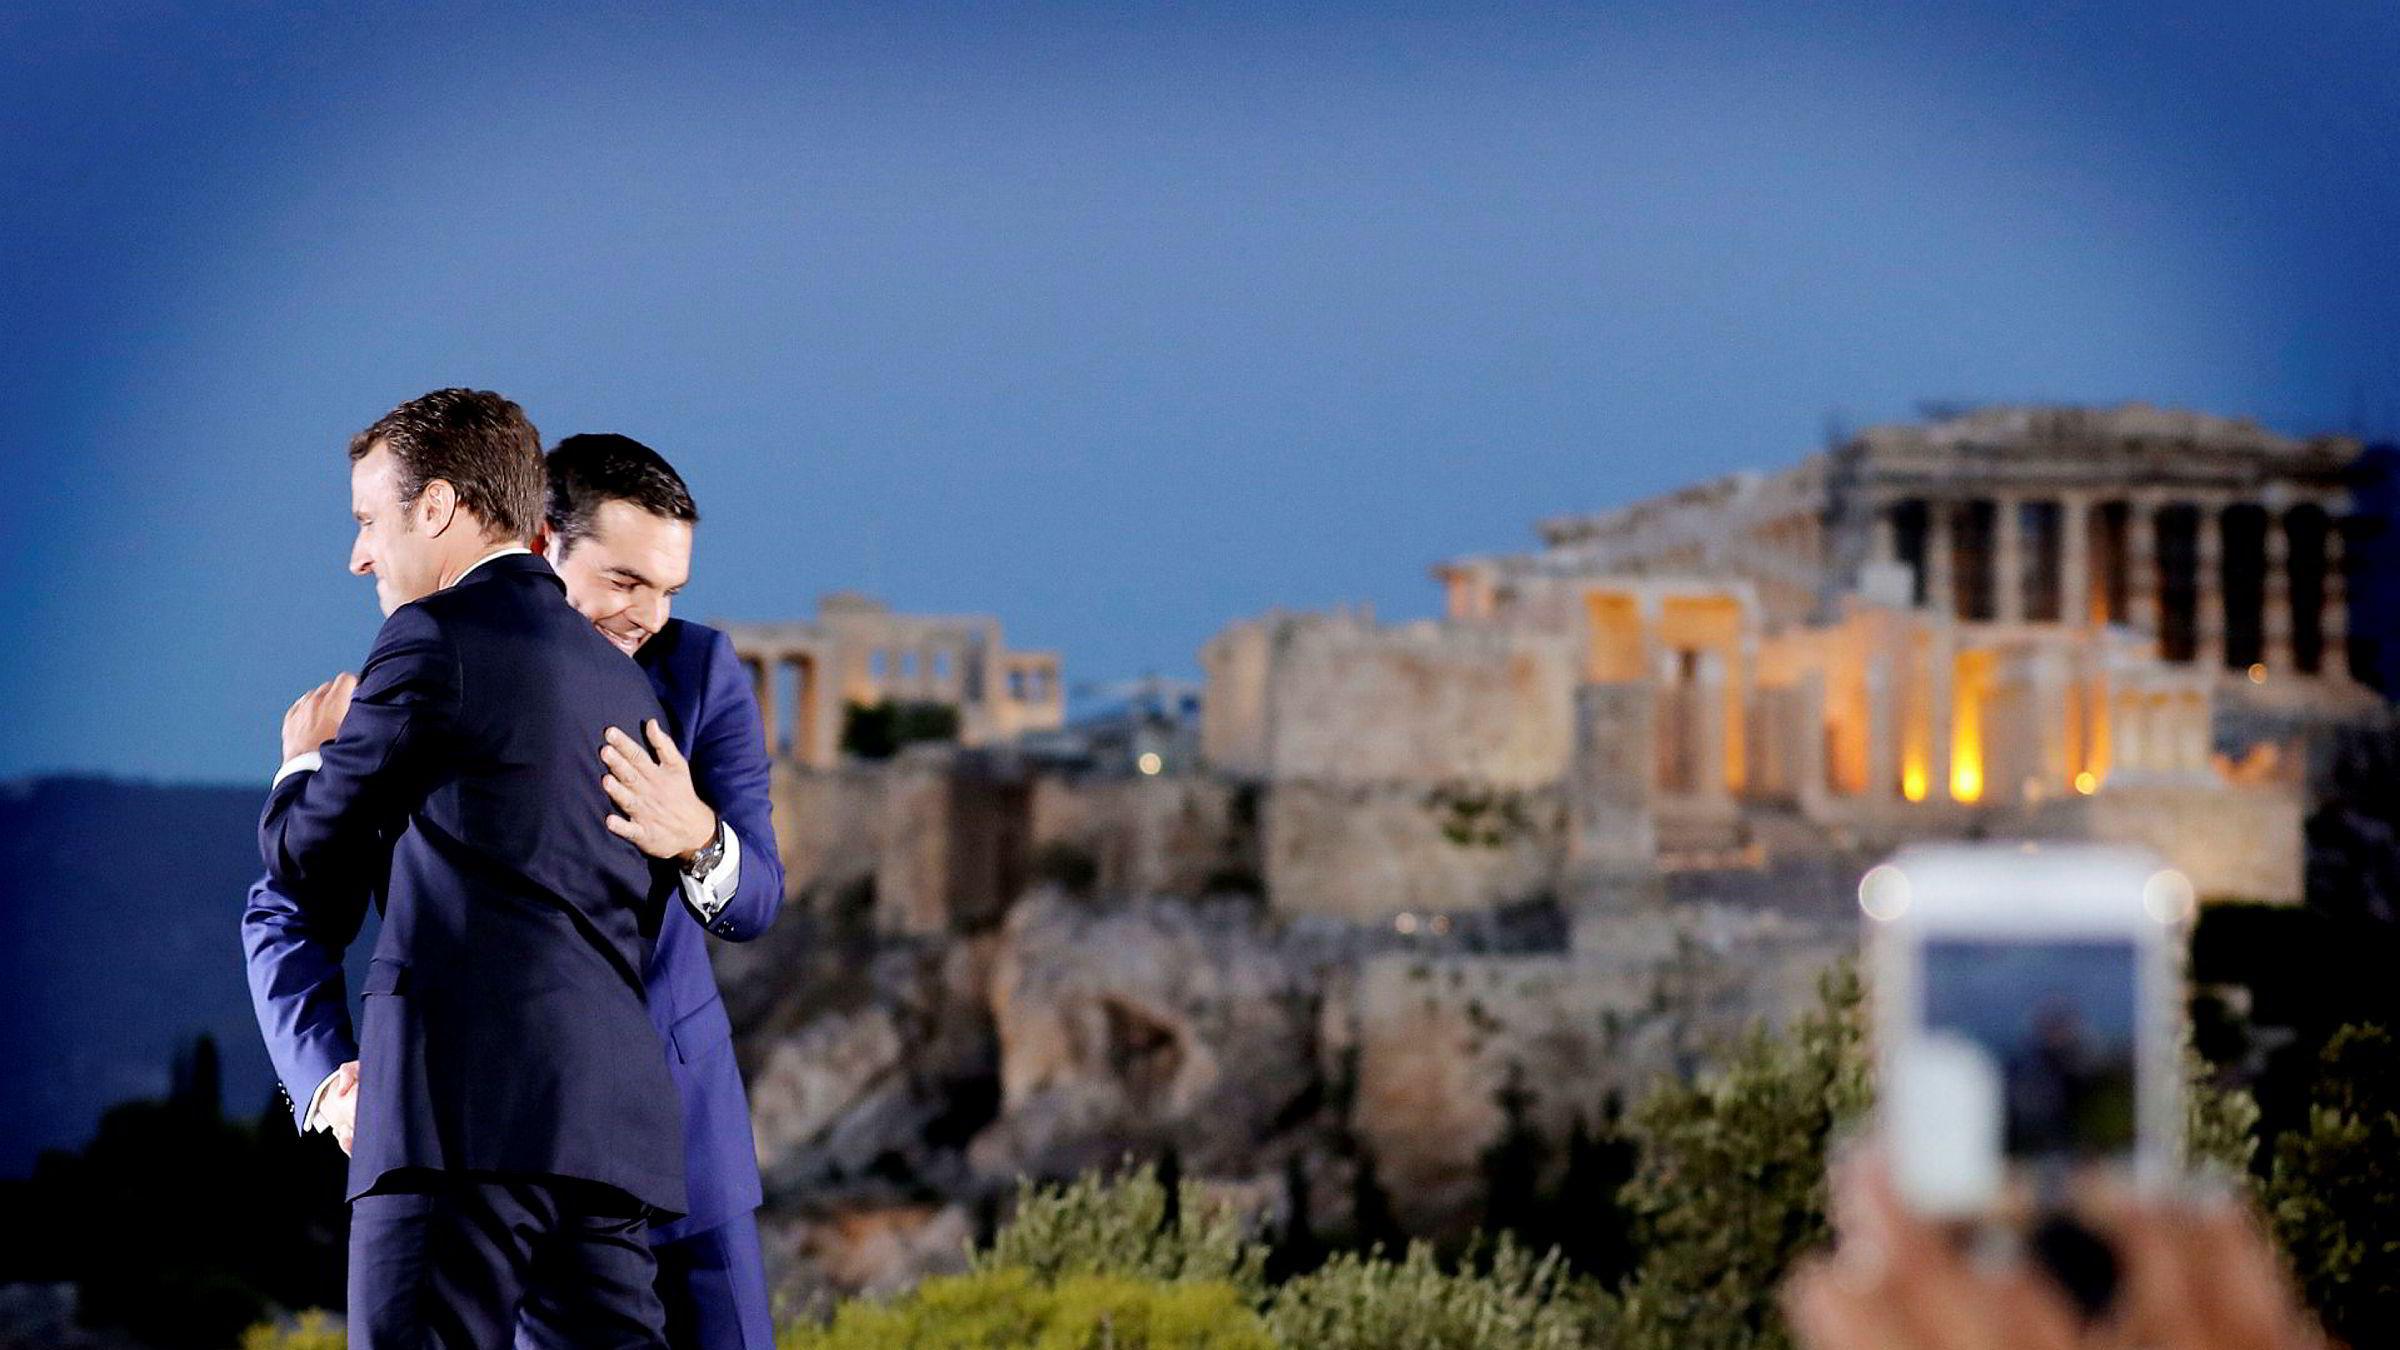 Torsdag talte den franske presidenten i Aten – symbolsk nok på Pnyx-høyden under Akropolis, der byens frie borgere møttes og skapte en form for demokrati for to og et halvt tusen år siden. Her Emmanuel Macron og Hellas' statsminister Alexis Tsipras.